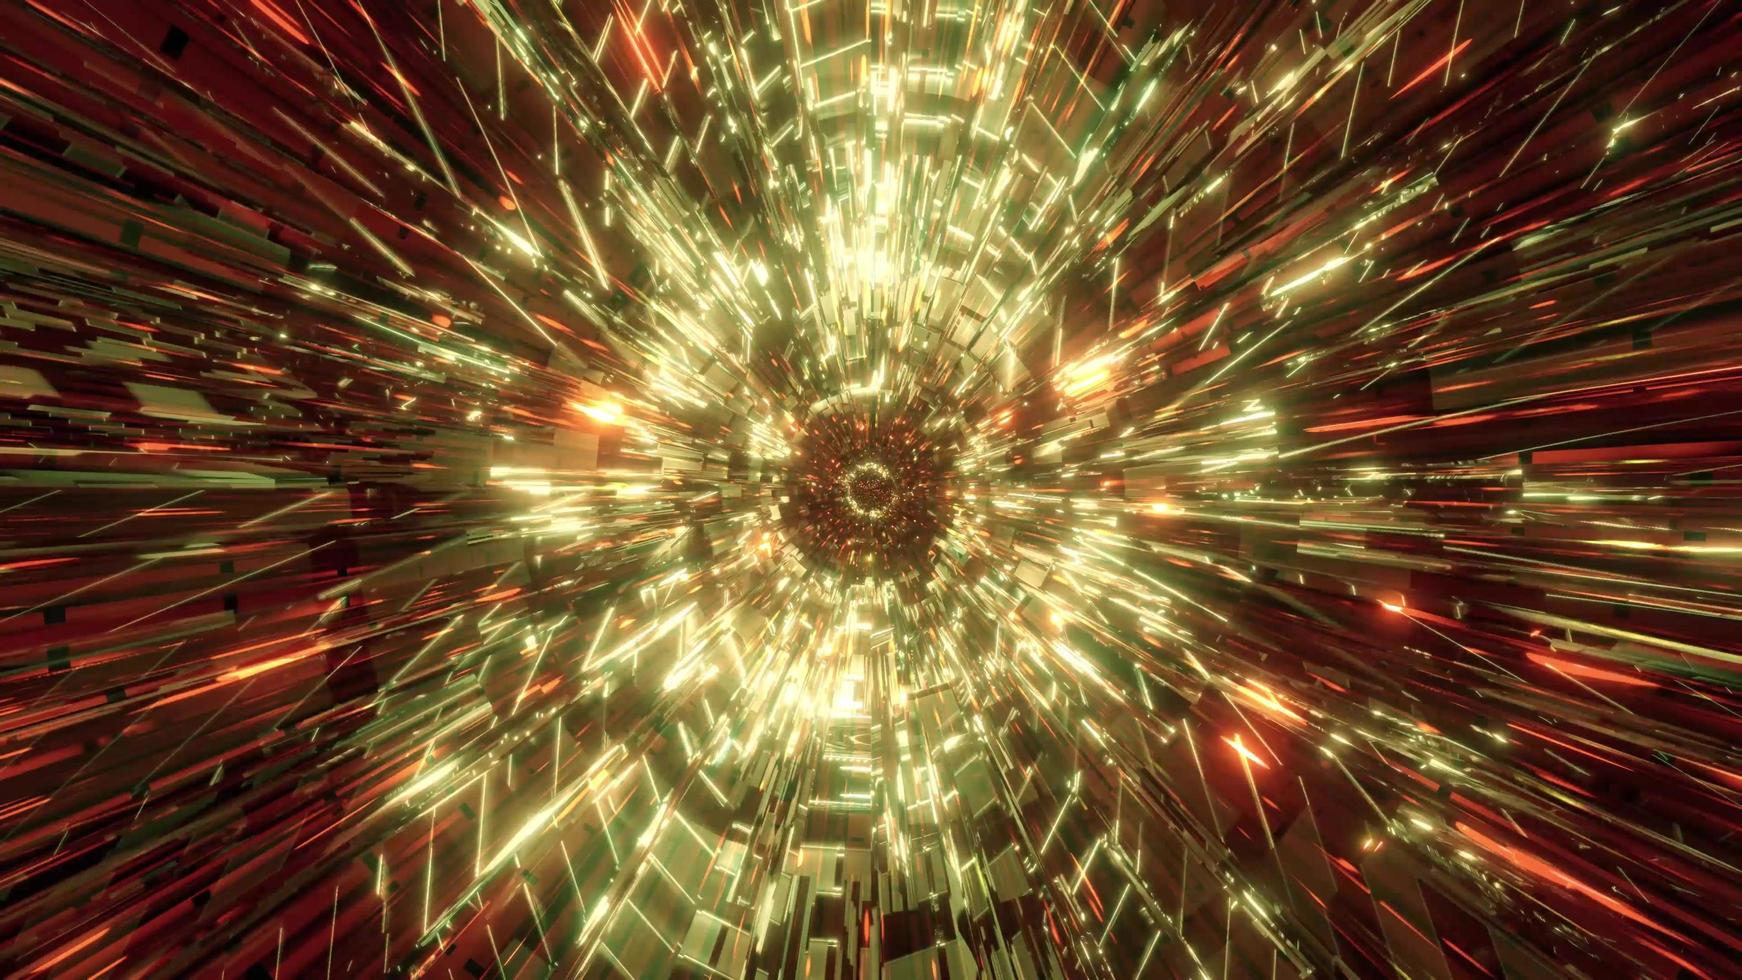 gyllene abstrakt tunnel med glödande neon 3d illustration design konst bakgrundsbild tapet foto